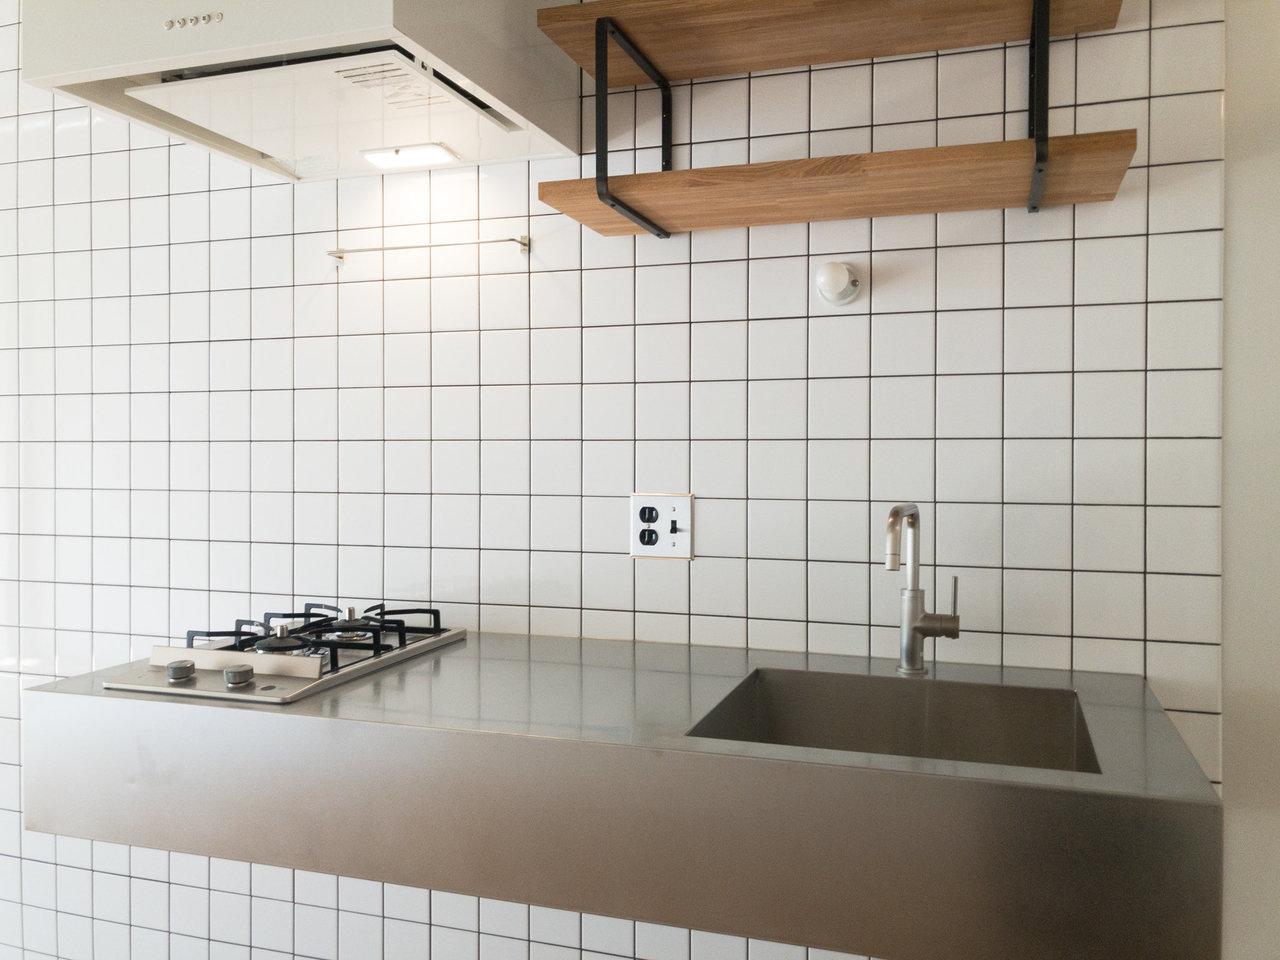 キッチンもスタイリッシュでかっこいい~。壁はタイル張りになっていて、お掃除がしやすそう。